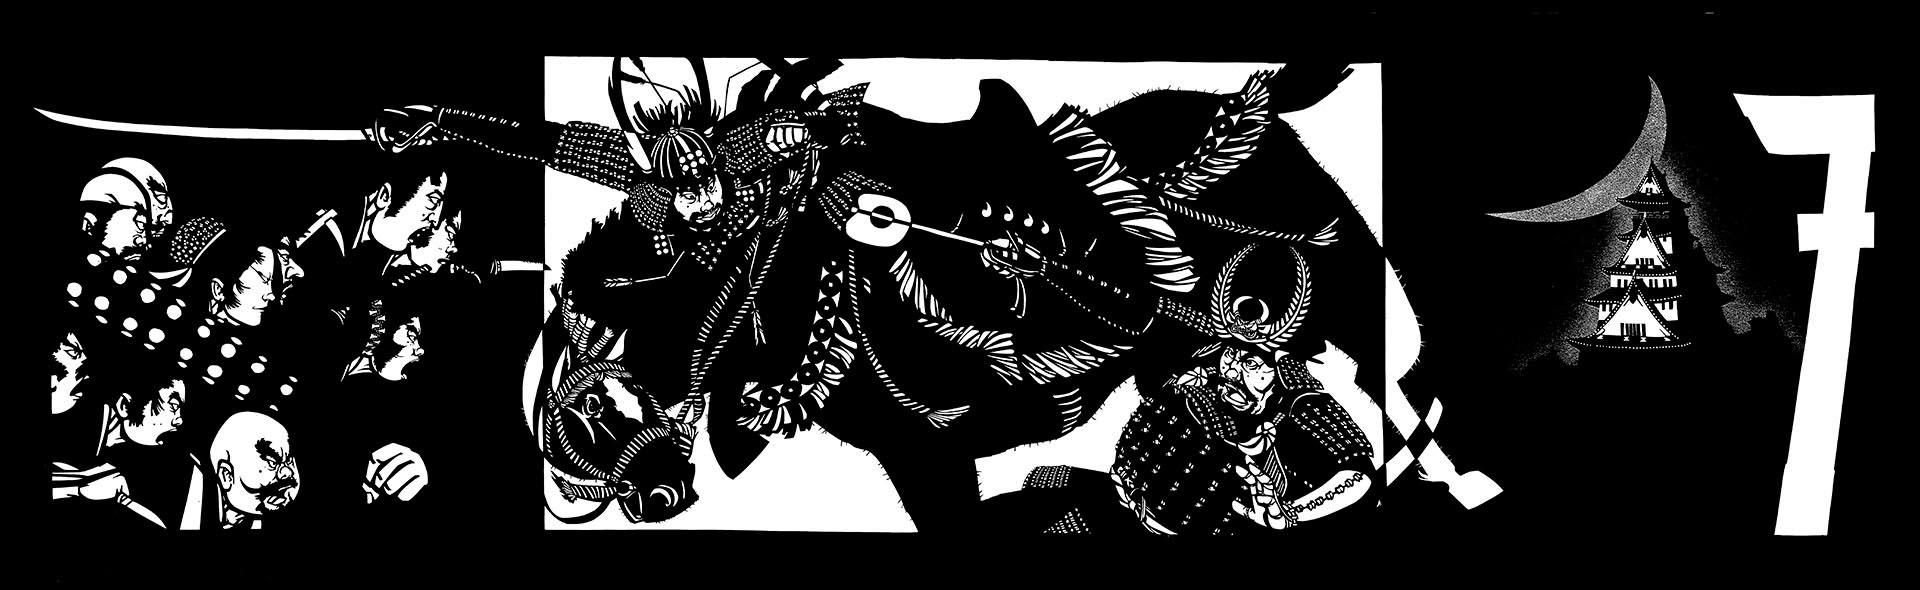 夏の日の夢〜大阪夏の陣 真田幸村と十勇士vs徳川家康